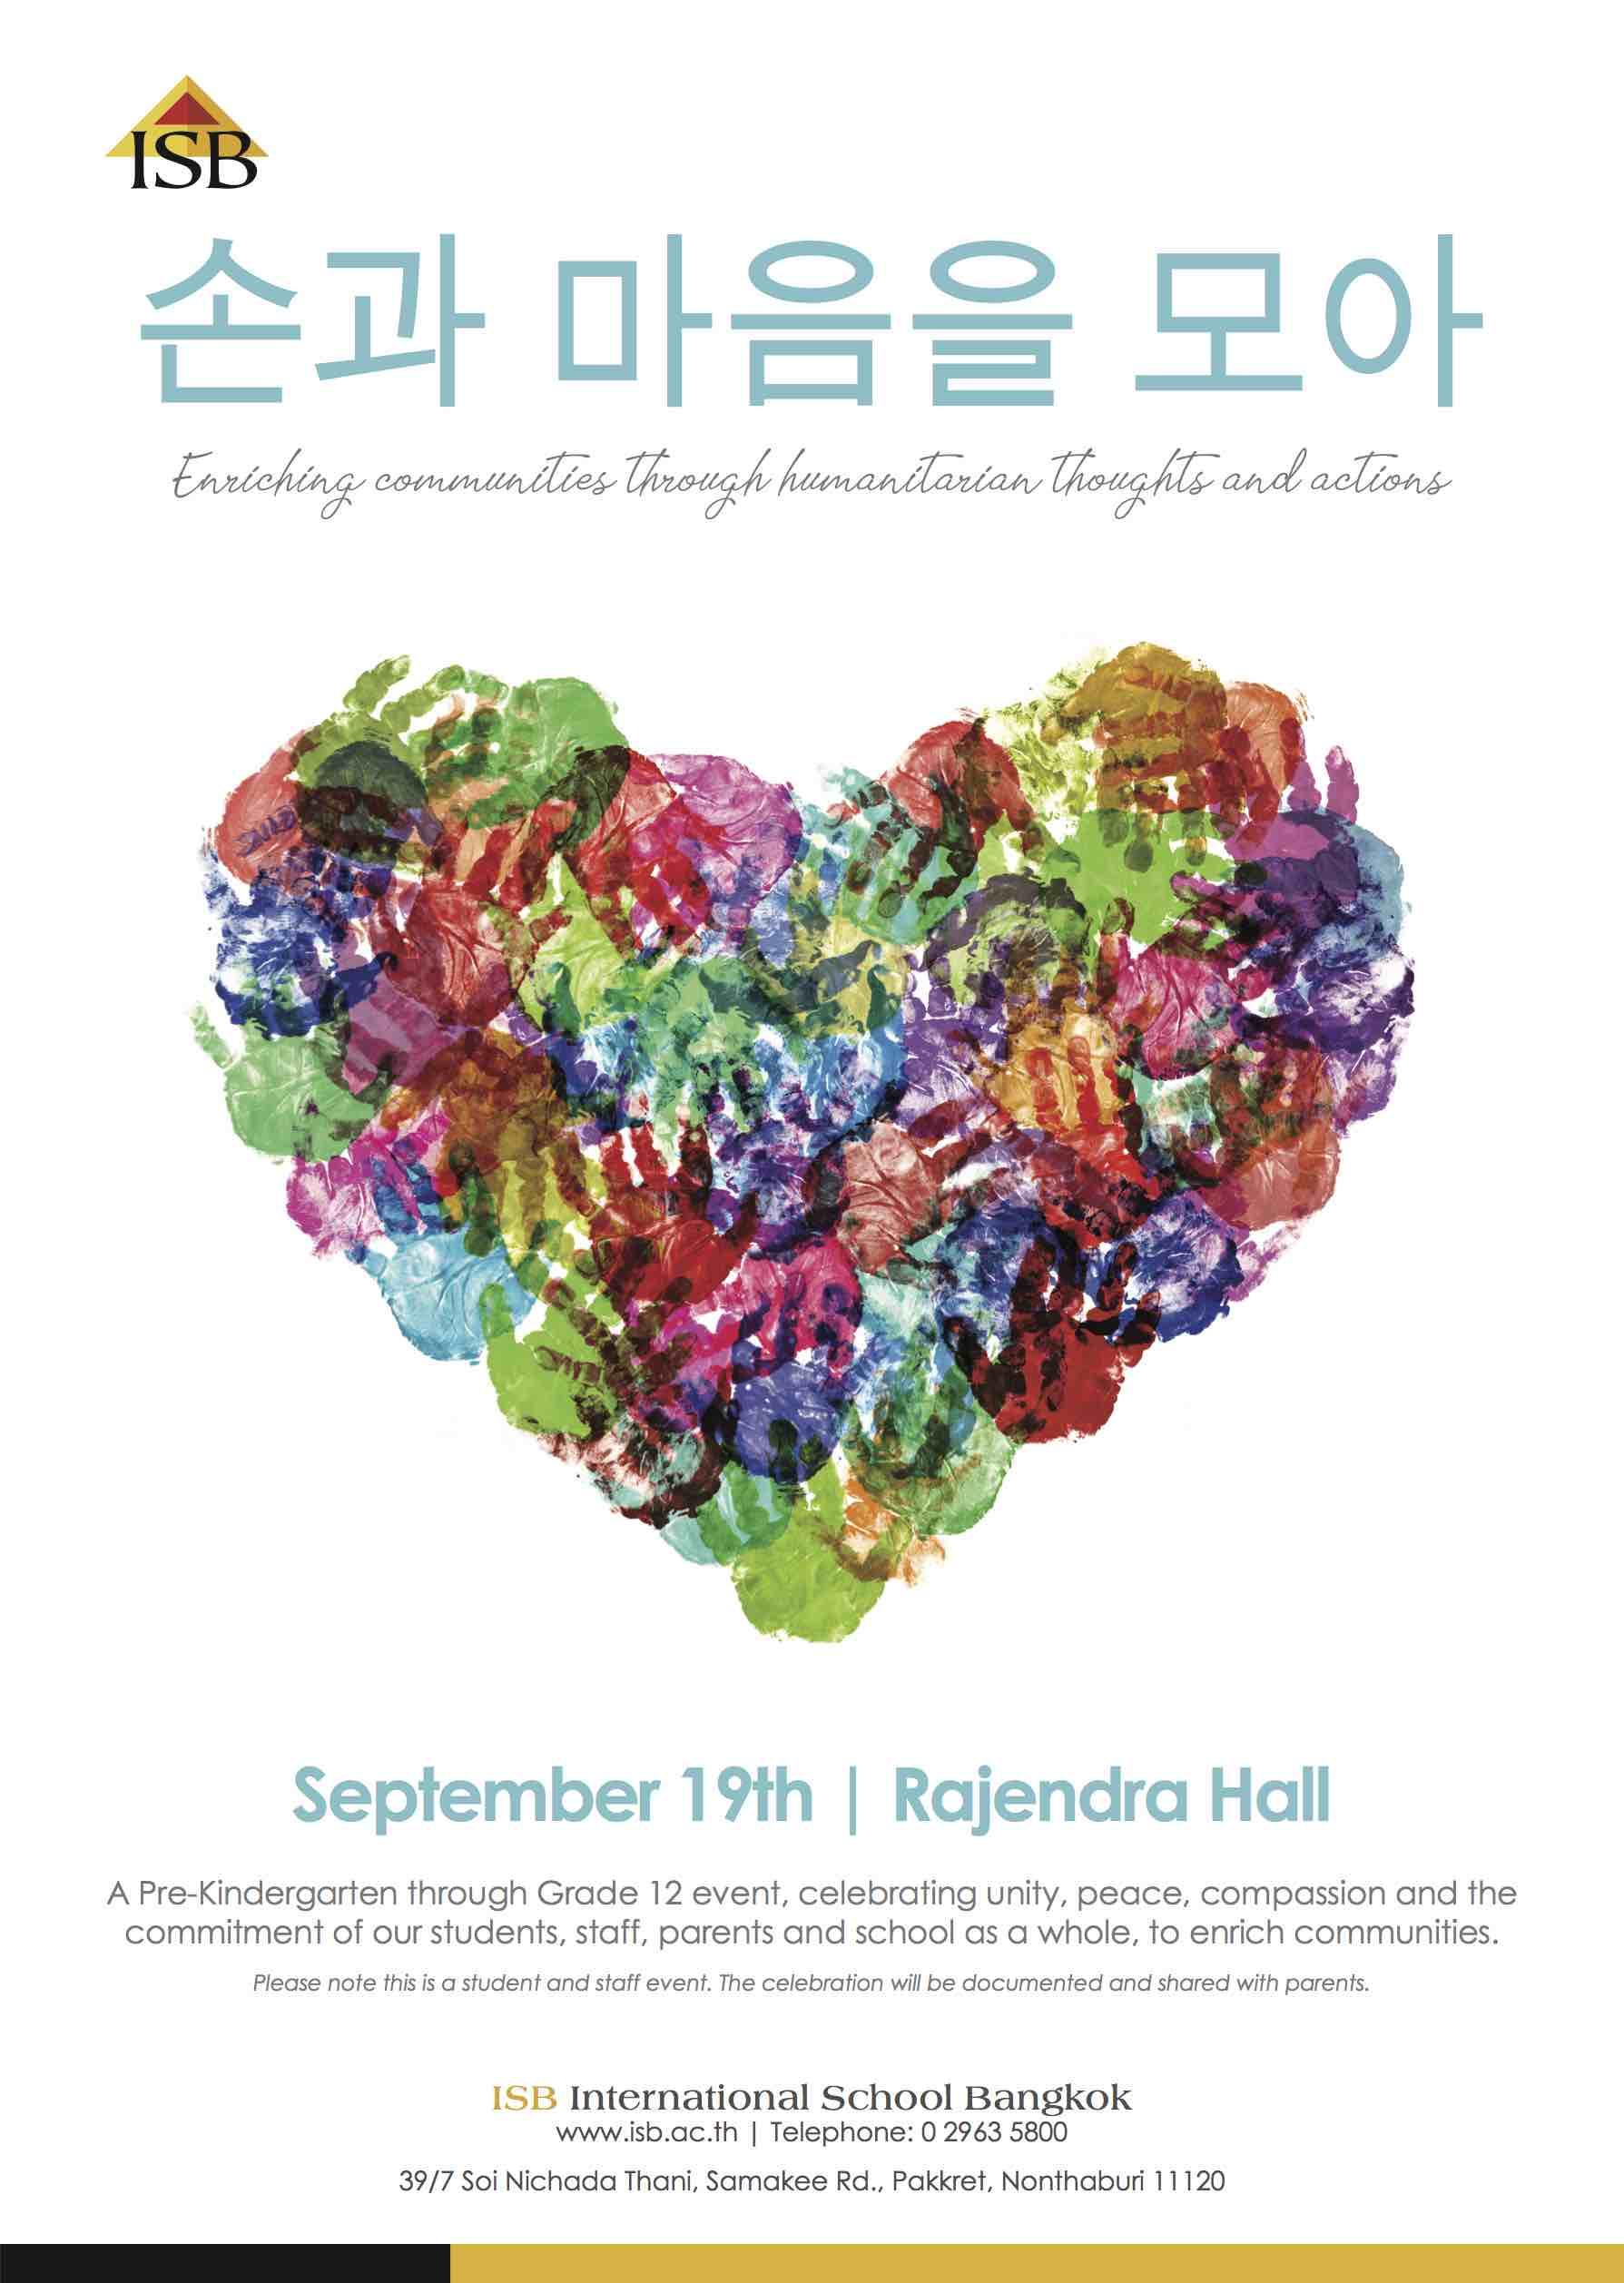 Enriching Communities7 Korean